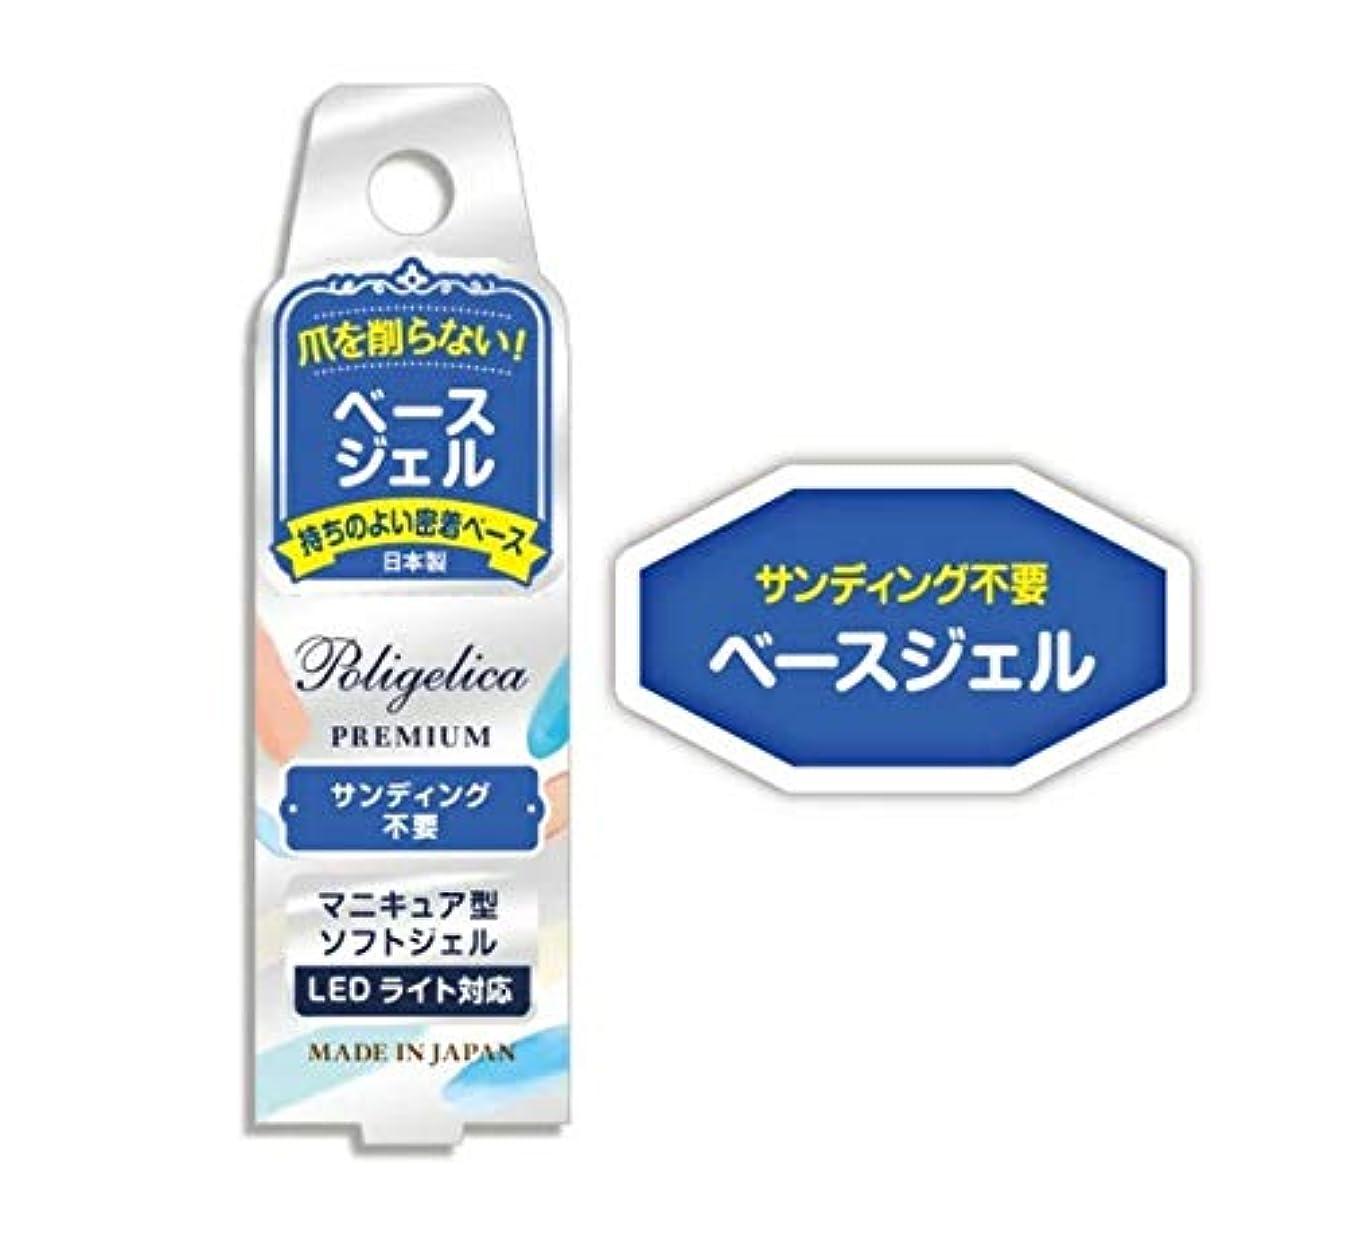 正気直感減衰BWポリジェリカ プレミアムベースジェル 6g APGB1001 日本製 ソフト ジェル ネイル サンディング不要 爪 密着 マニキュア型